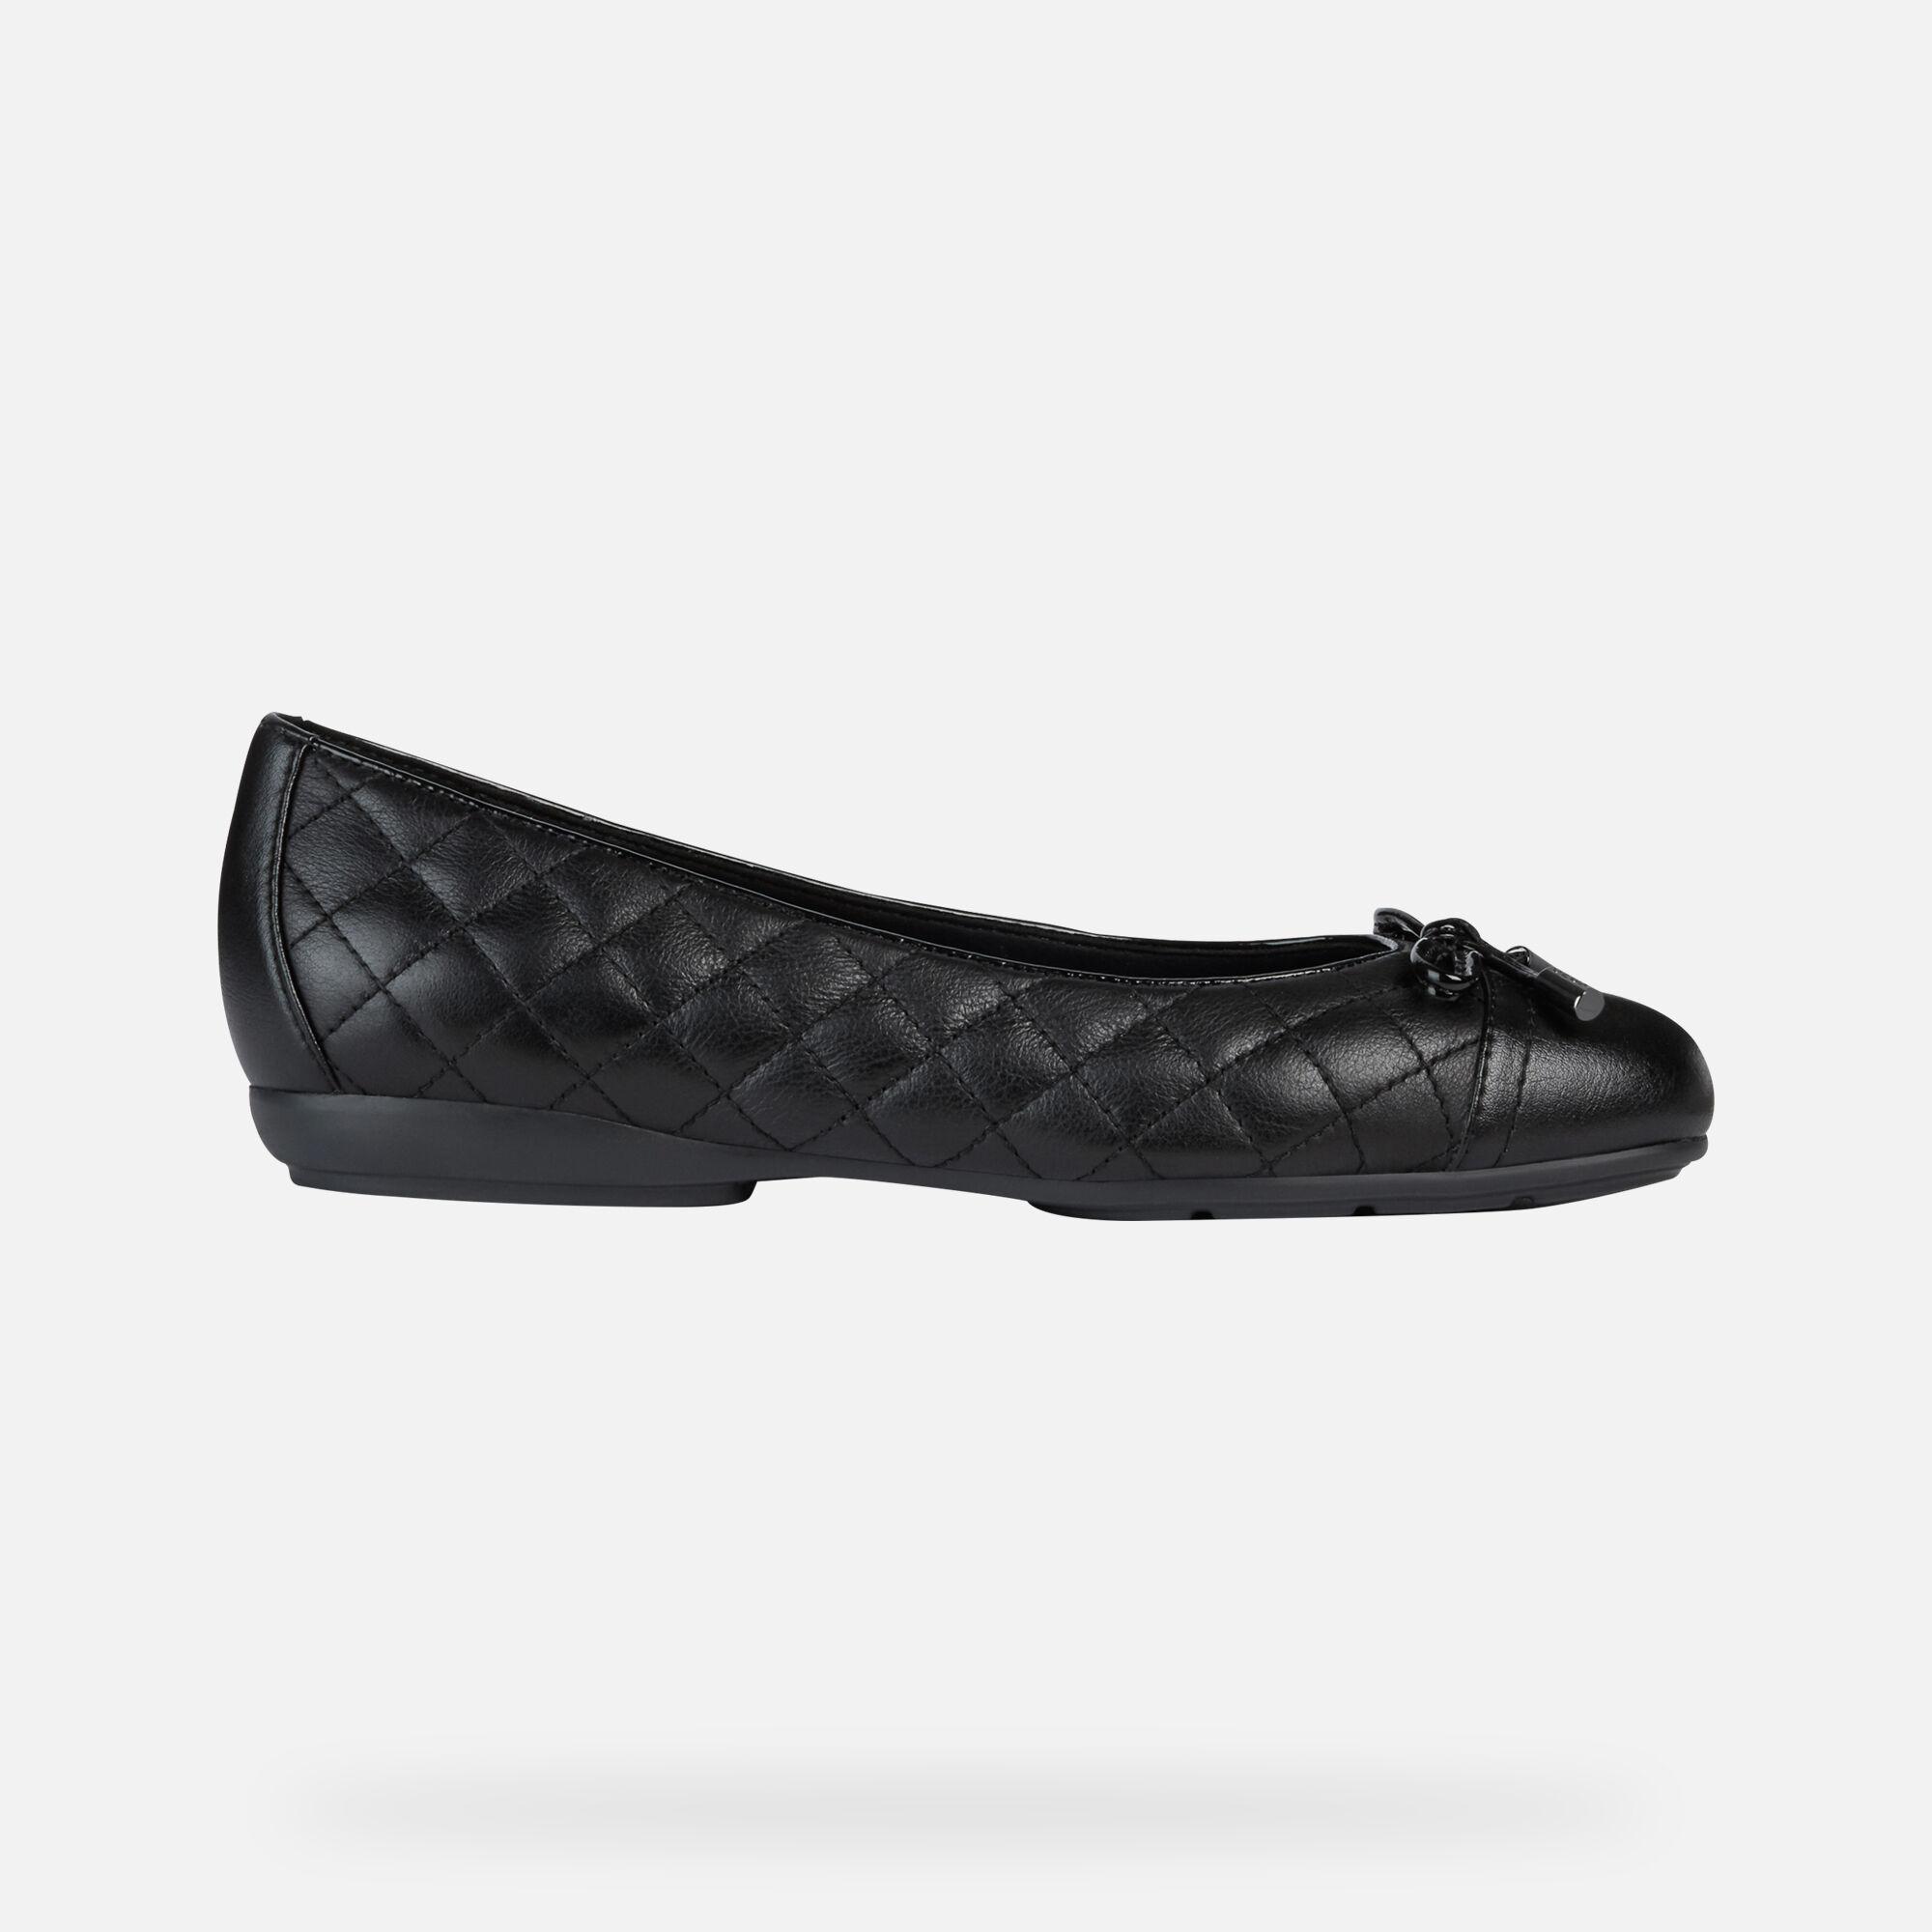 Geox Chaussures D ANNYTAH Ballerines Noires Femme   Geox